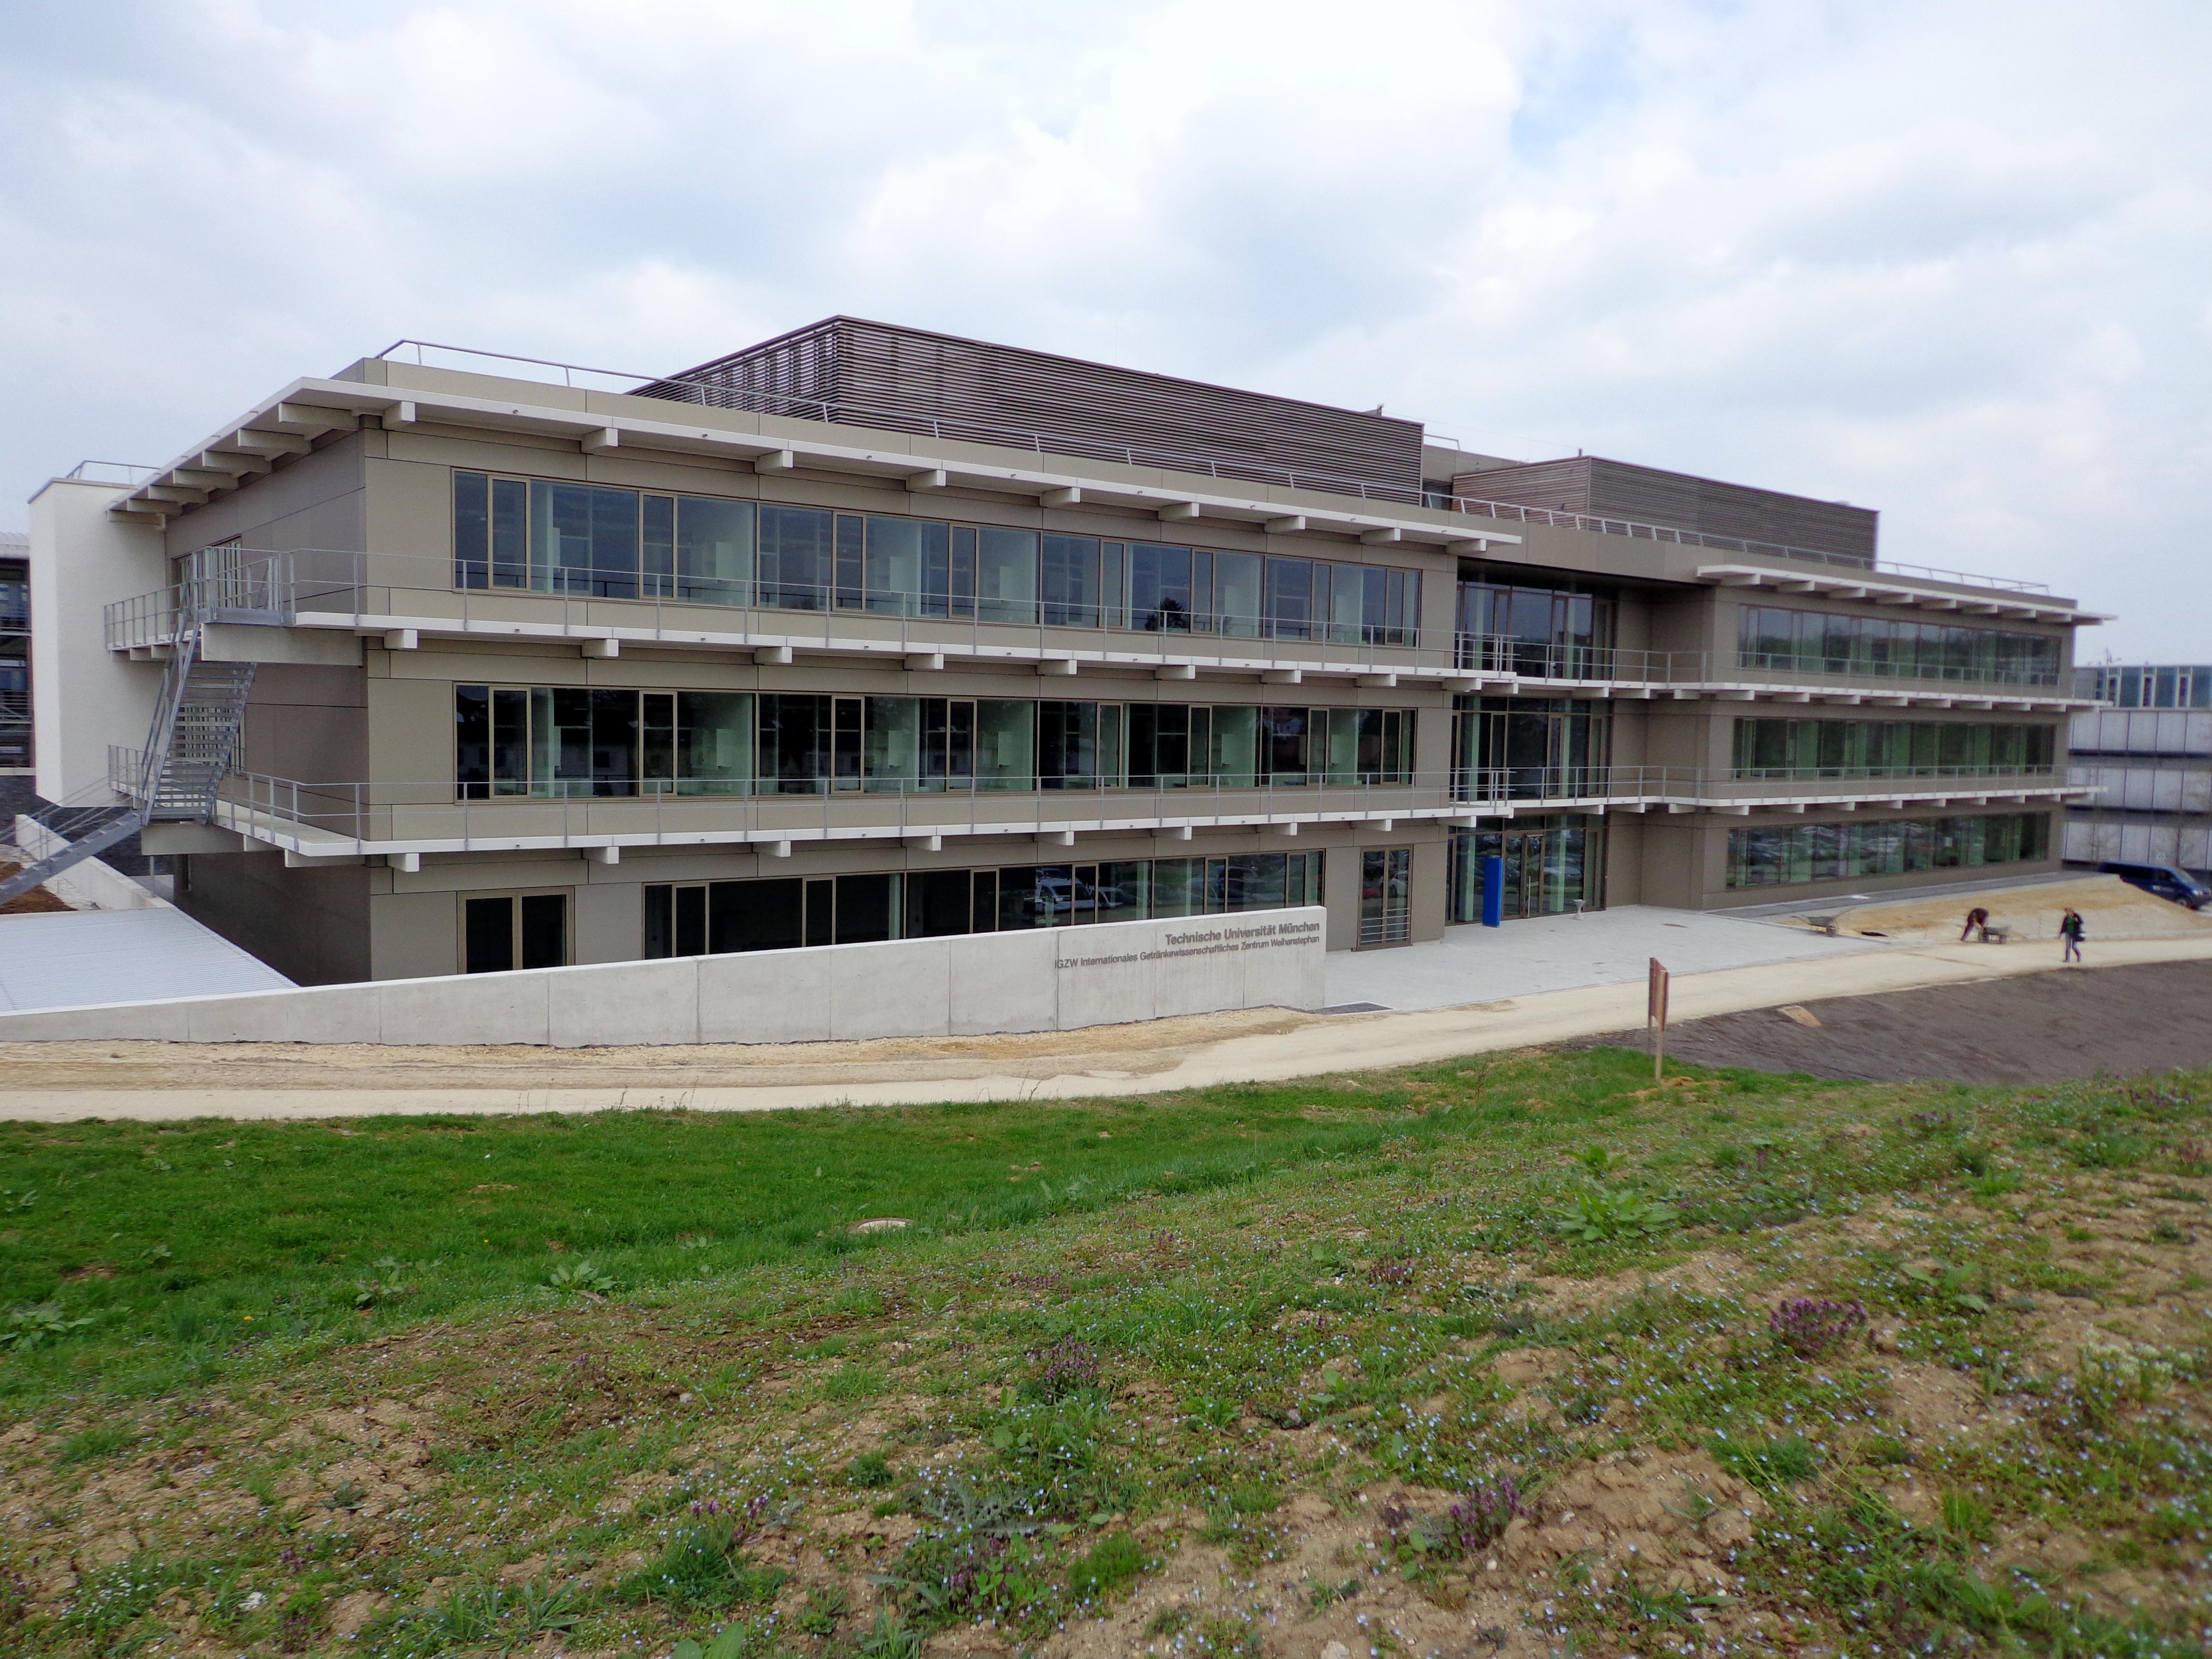 Internationales Getränkewissenschaftliches Zentrum Weihenstephan ...